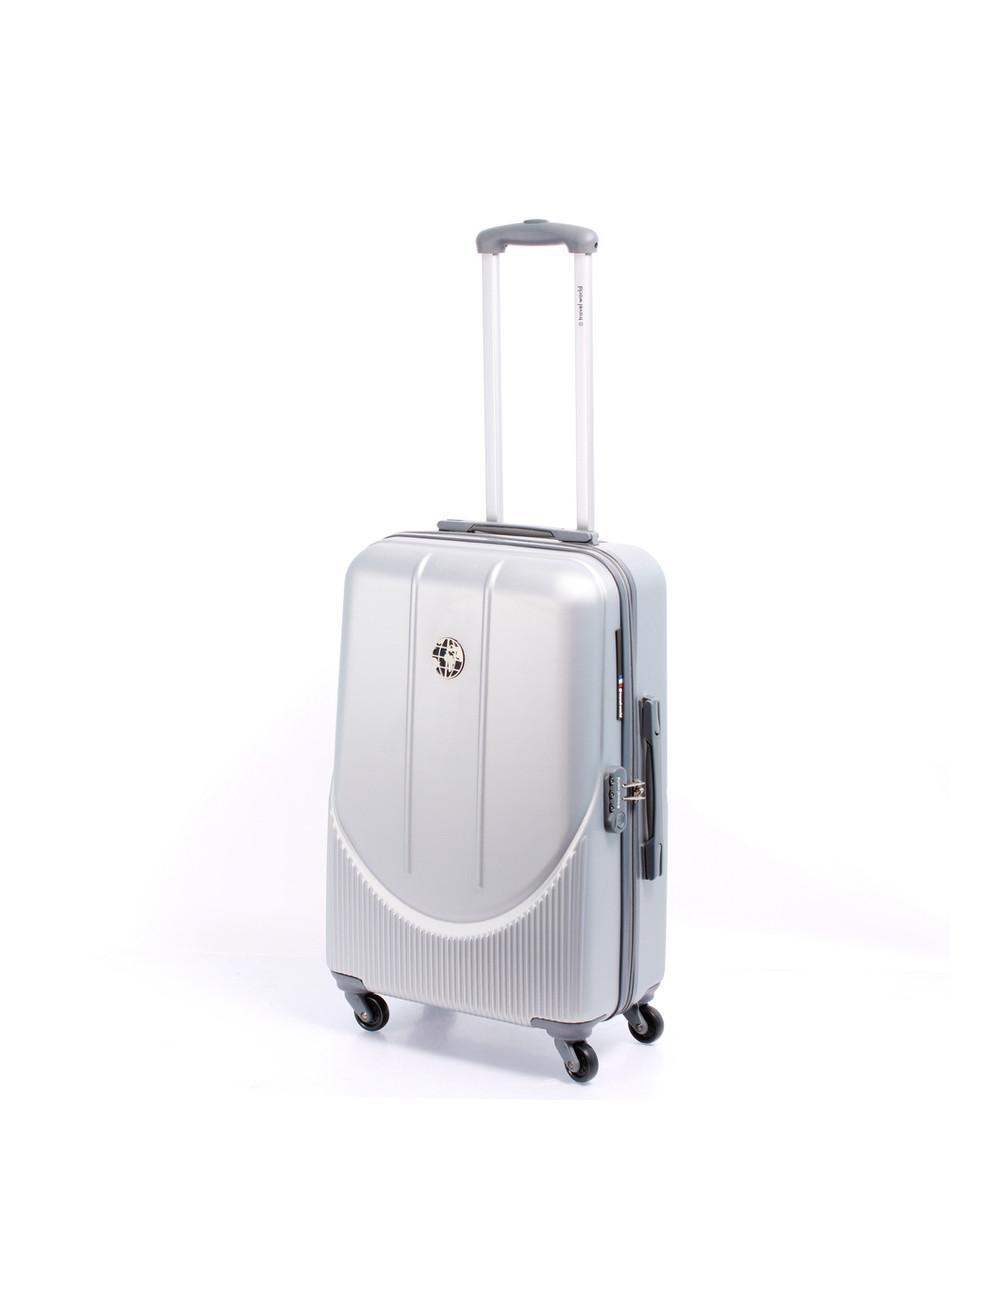 valise moyenne travel world